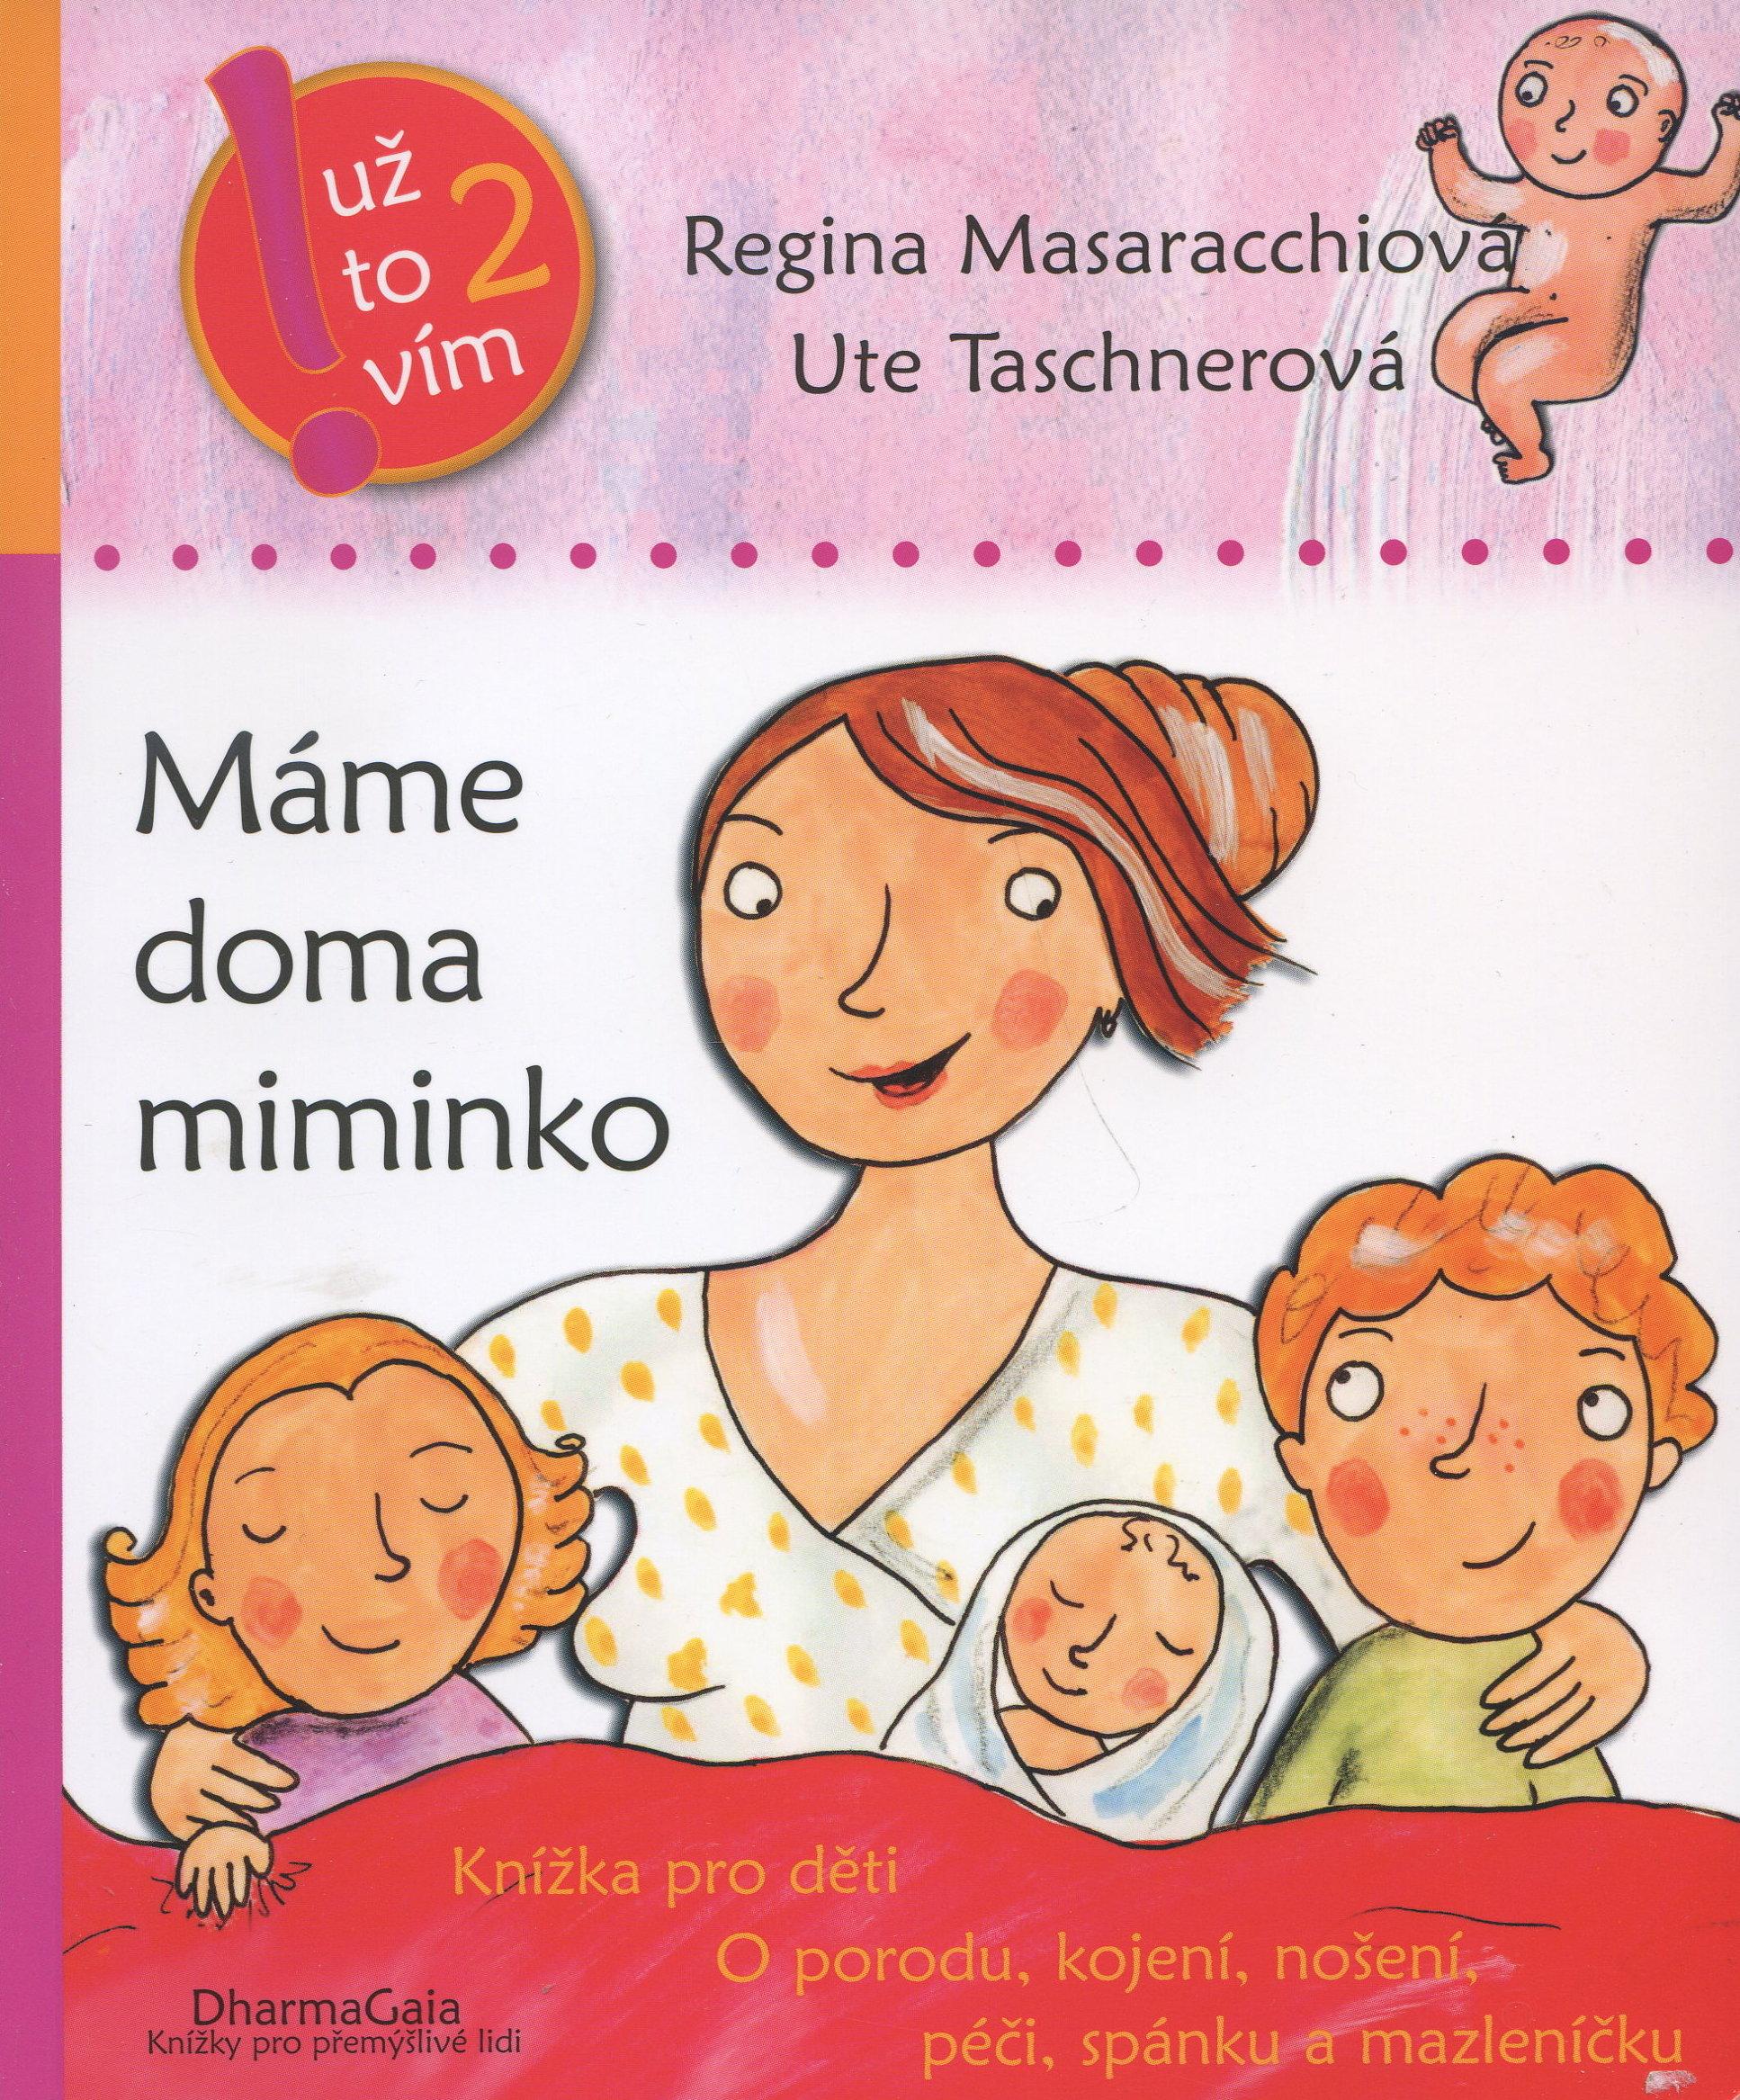 Máme doma miminko - Knížka pro děti o porodu, kojení, nošení, péči, spánku a mazleníčku